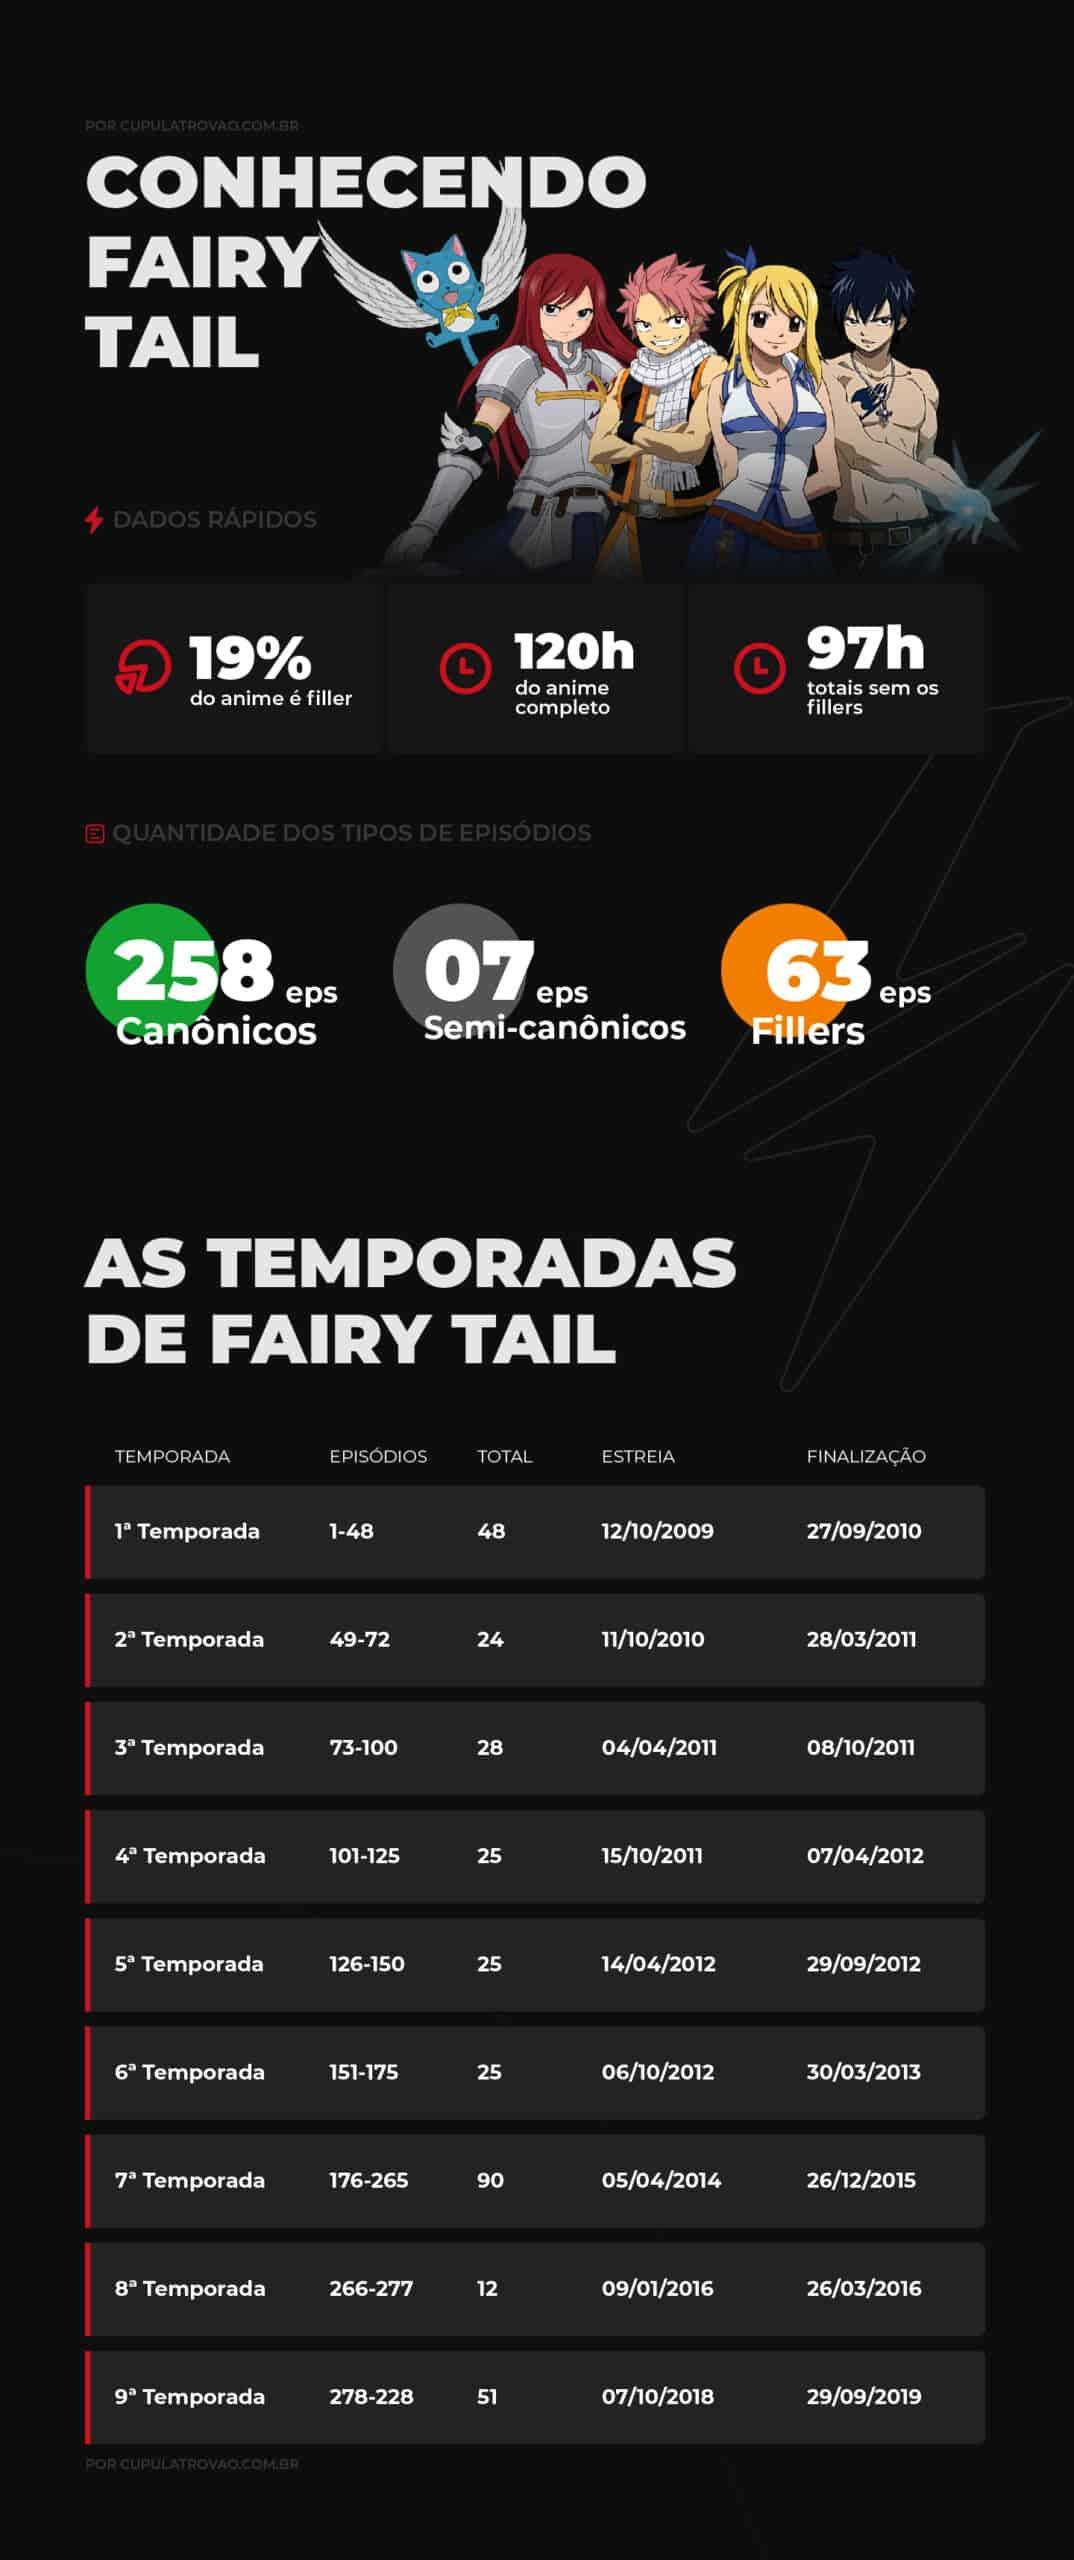 Infográfico com temporadas e informações de Fairy Tail